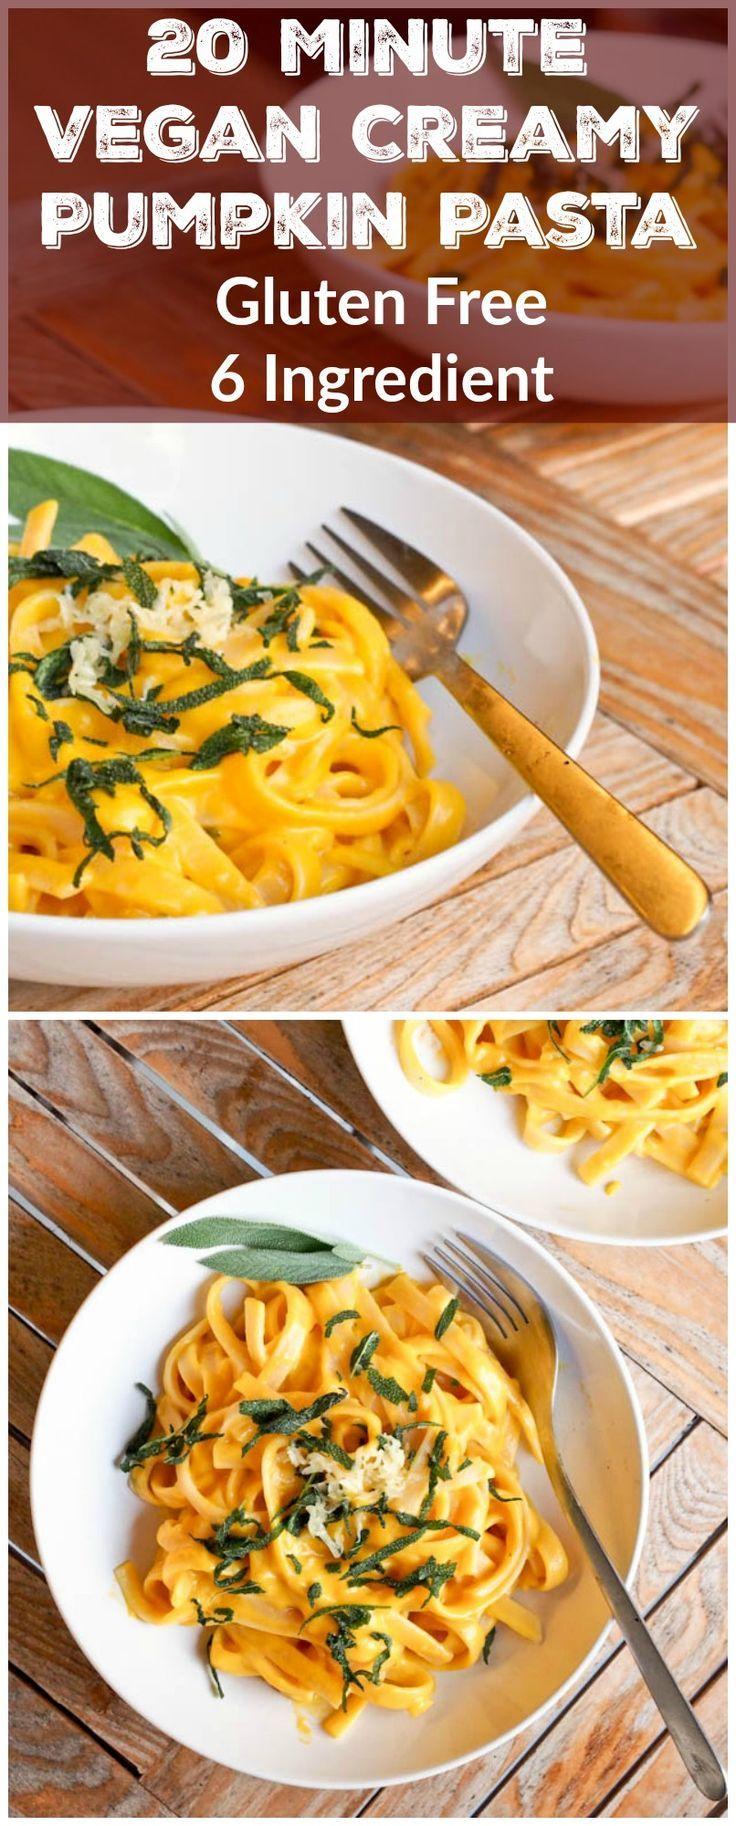 Vegan Pumpkin Pasta With Sage Gluten Free